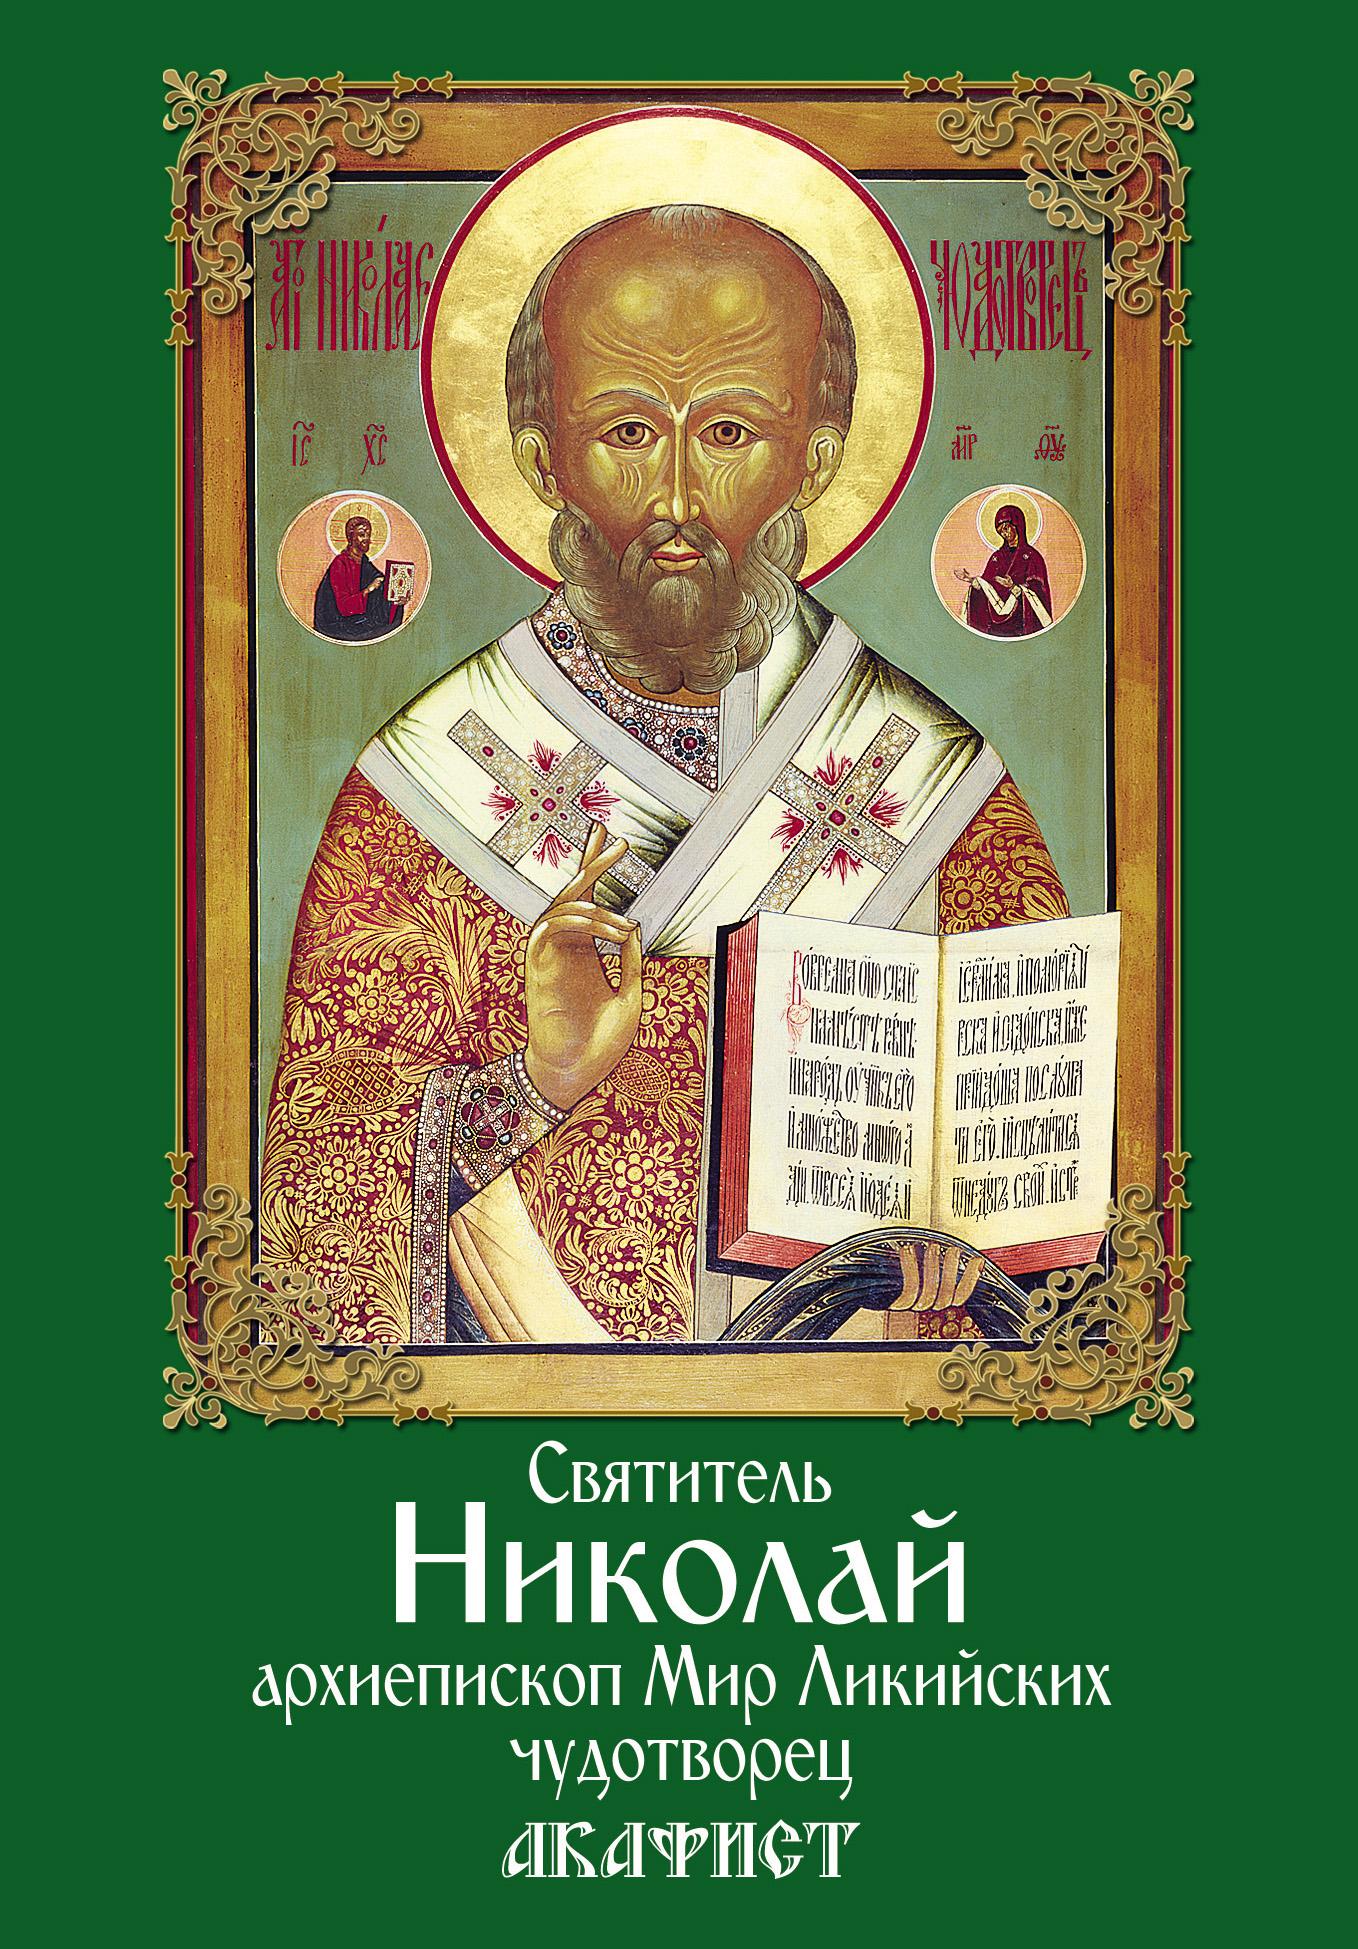 svyatitel nikolay arkhiepiskop mir likiyskikh chudotvorets akafist